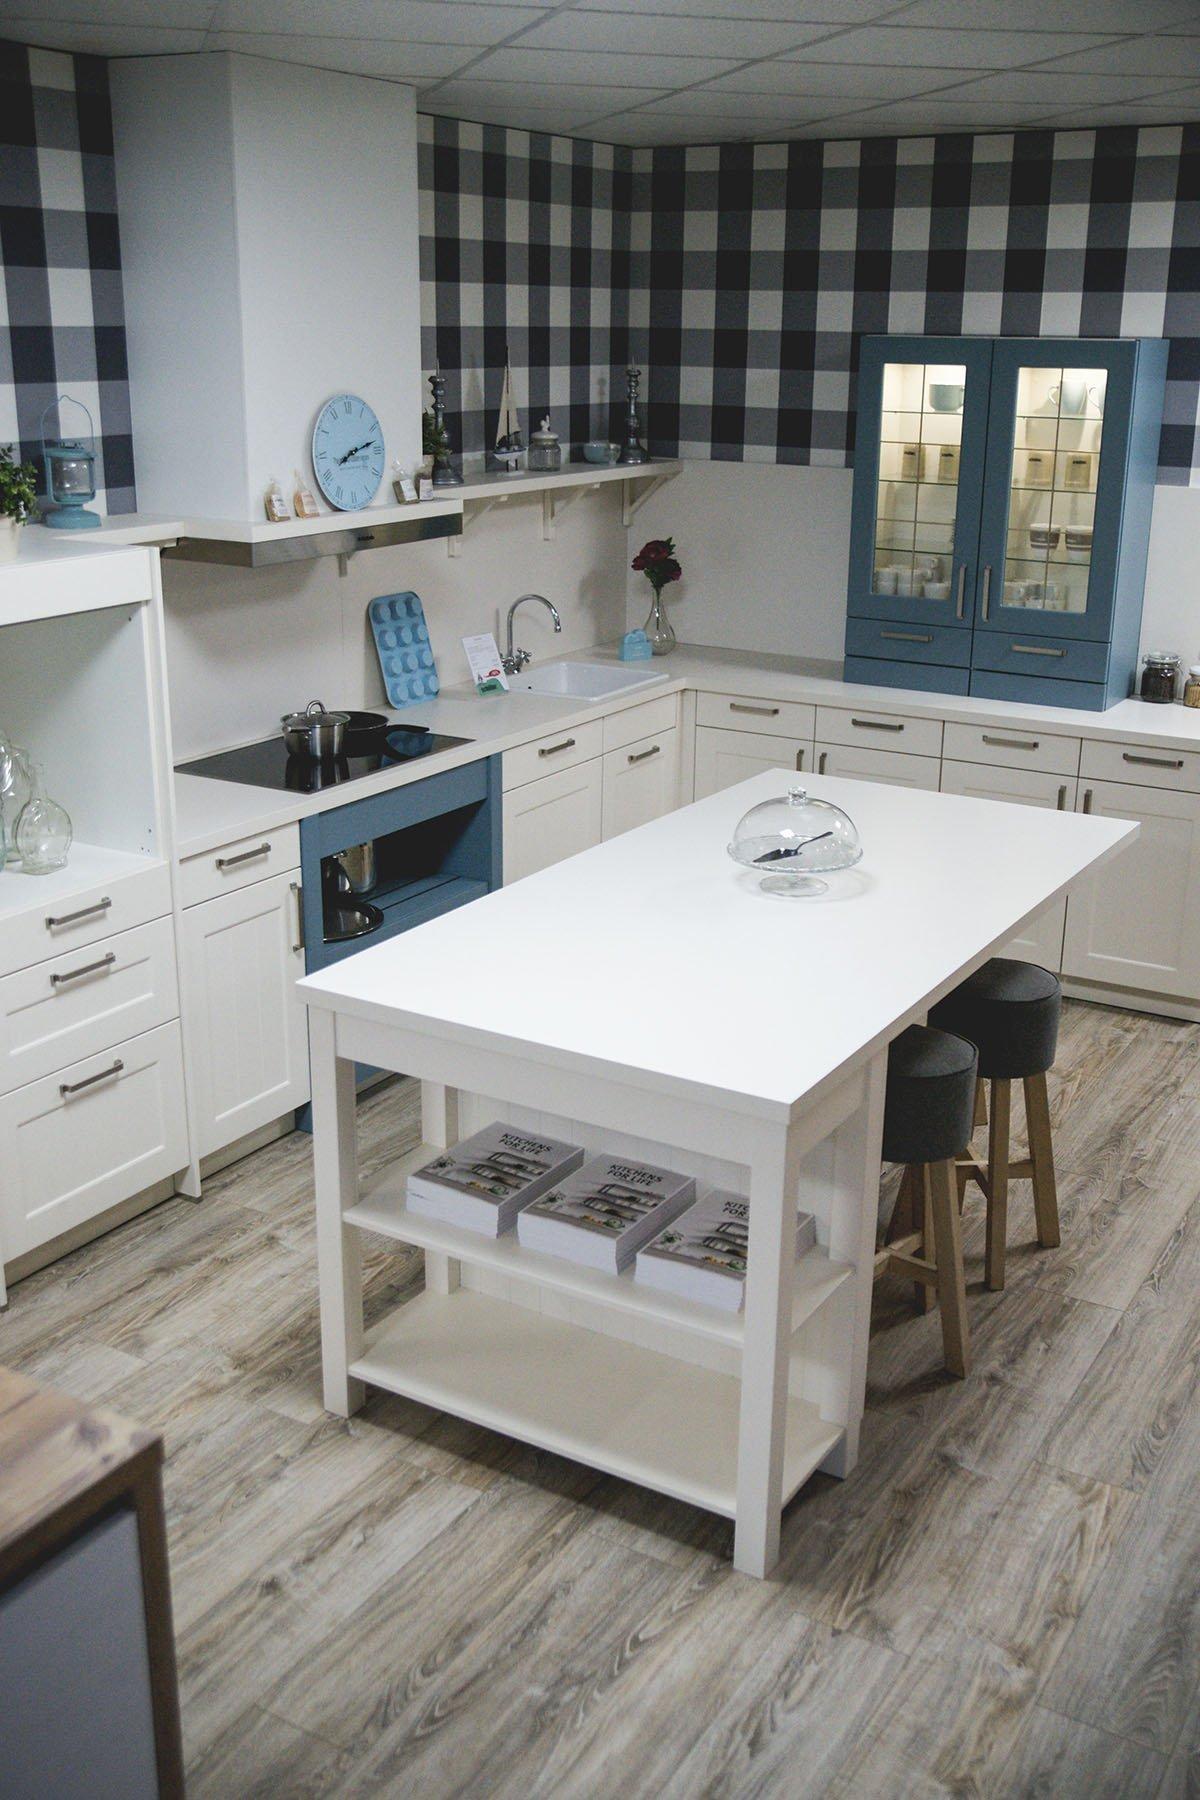 ponuka vystavených kuchýn z vlastného showroomu.